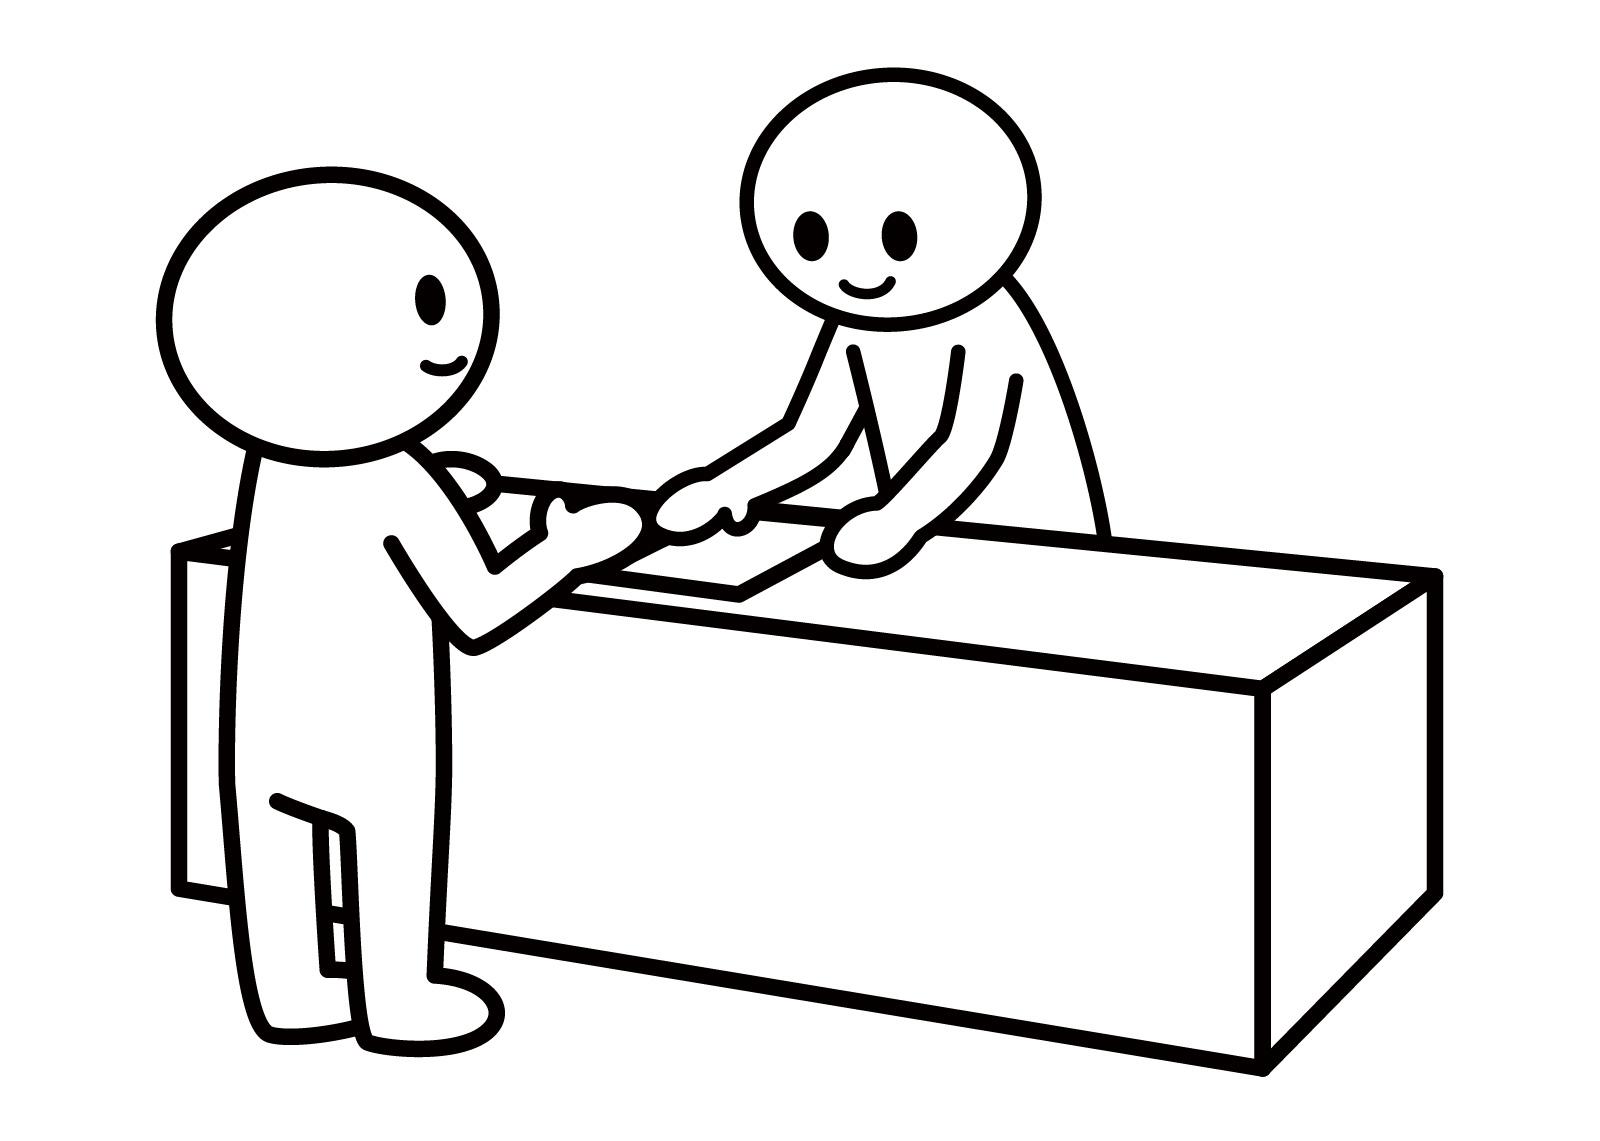 提出のタイミングで異なる?死亡通知状の内容って何?